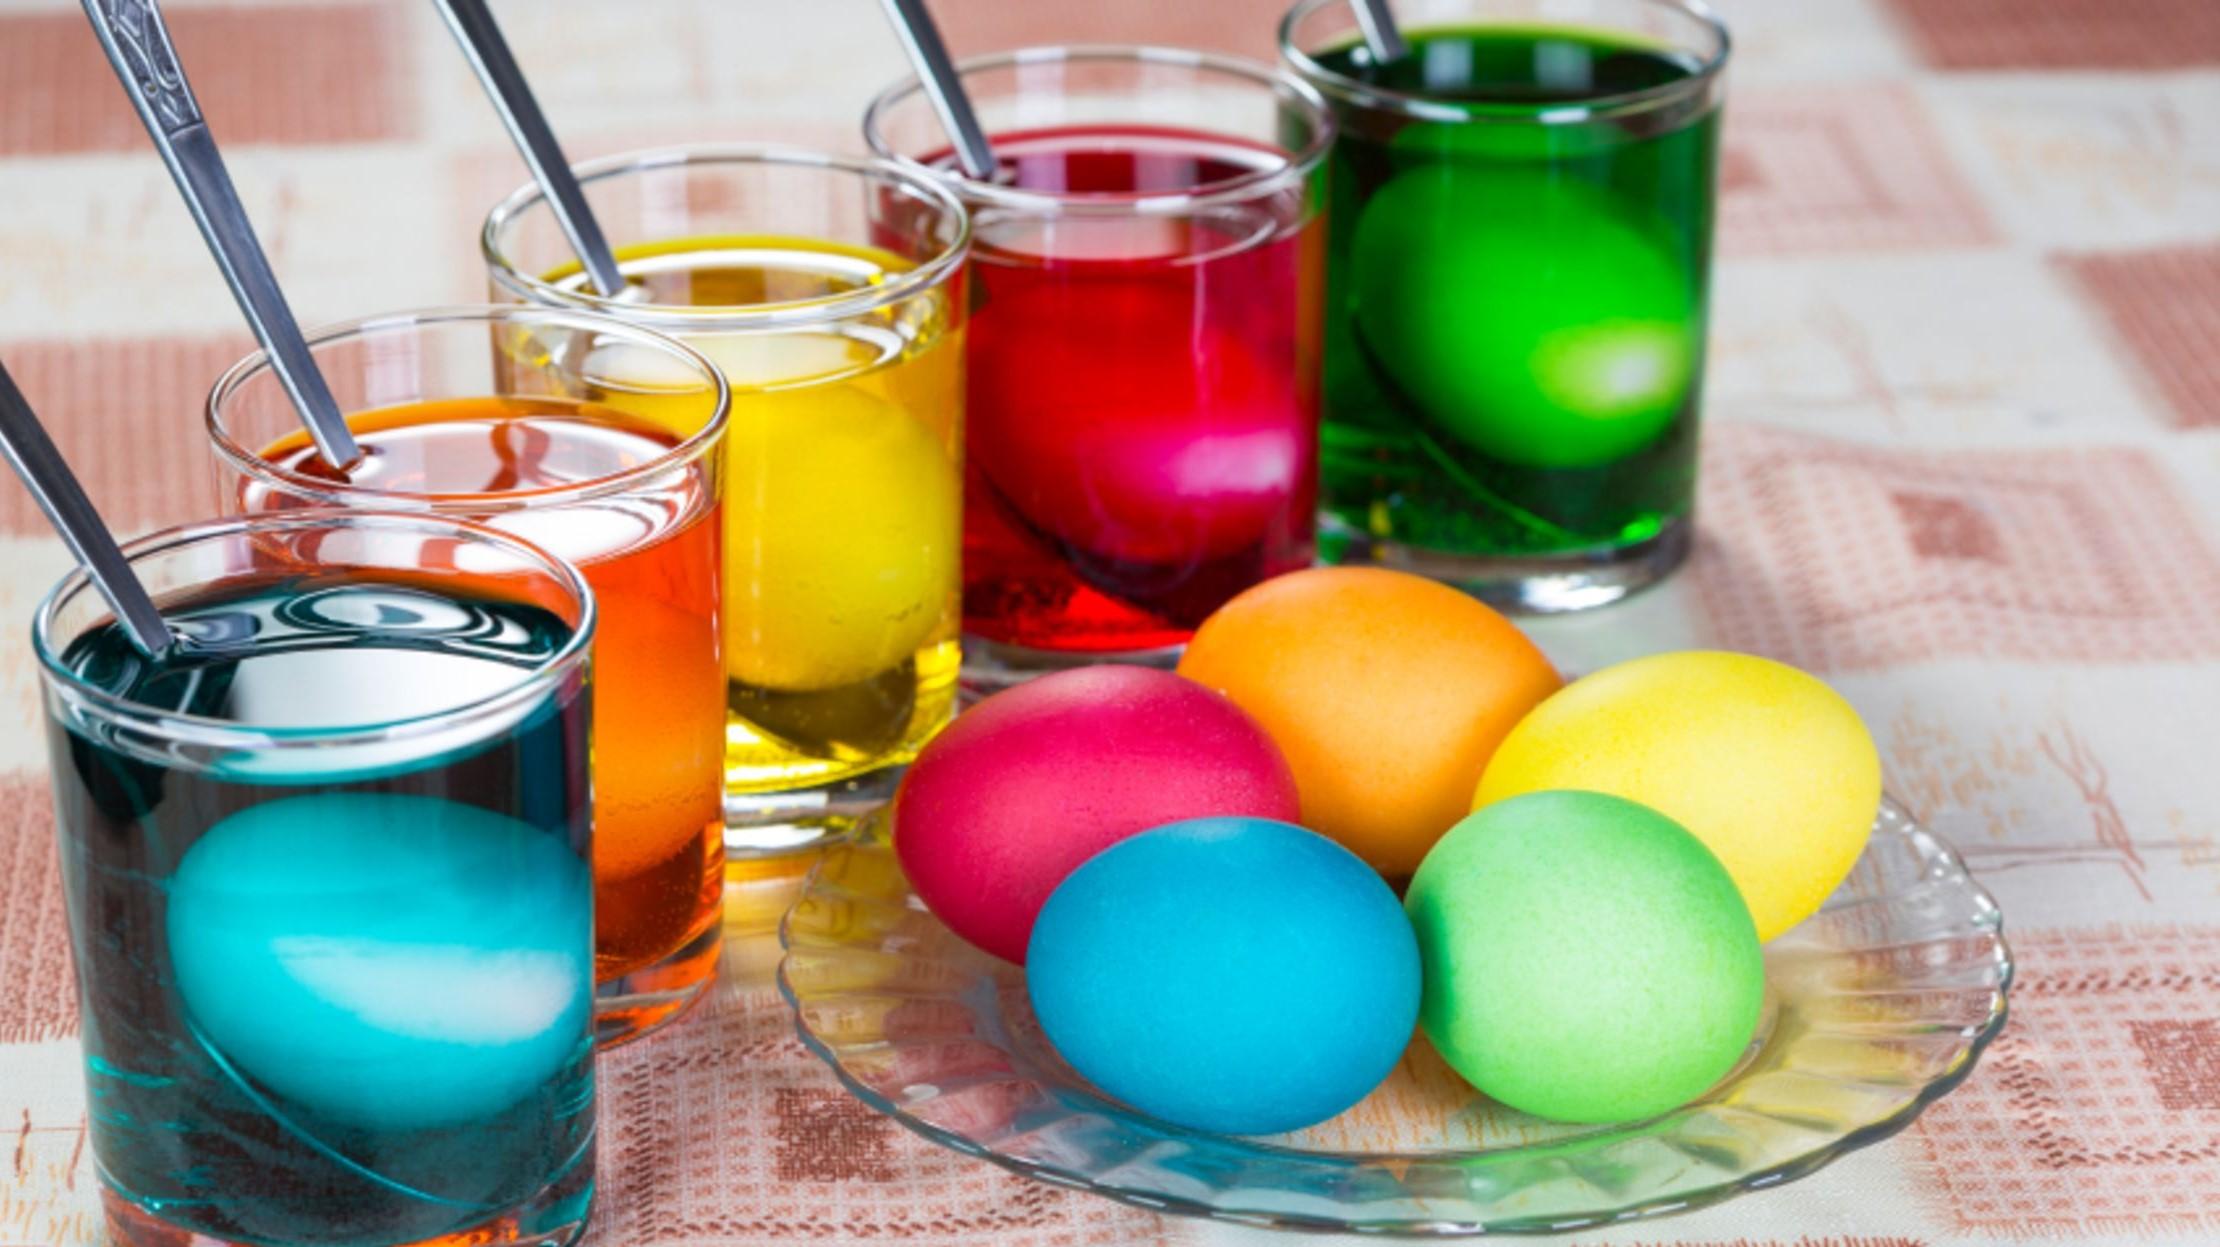 Bricolage de Pâques pour adultes: créez votre propre teinture d'oeufs naturelle.